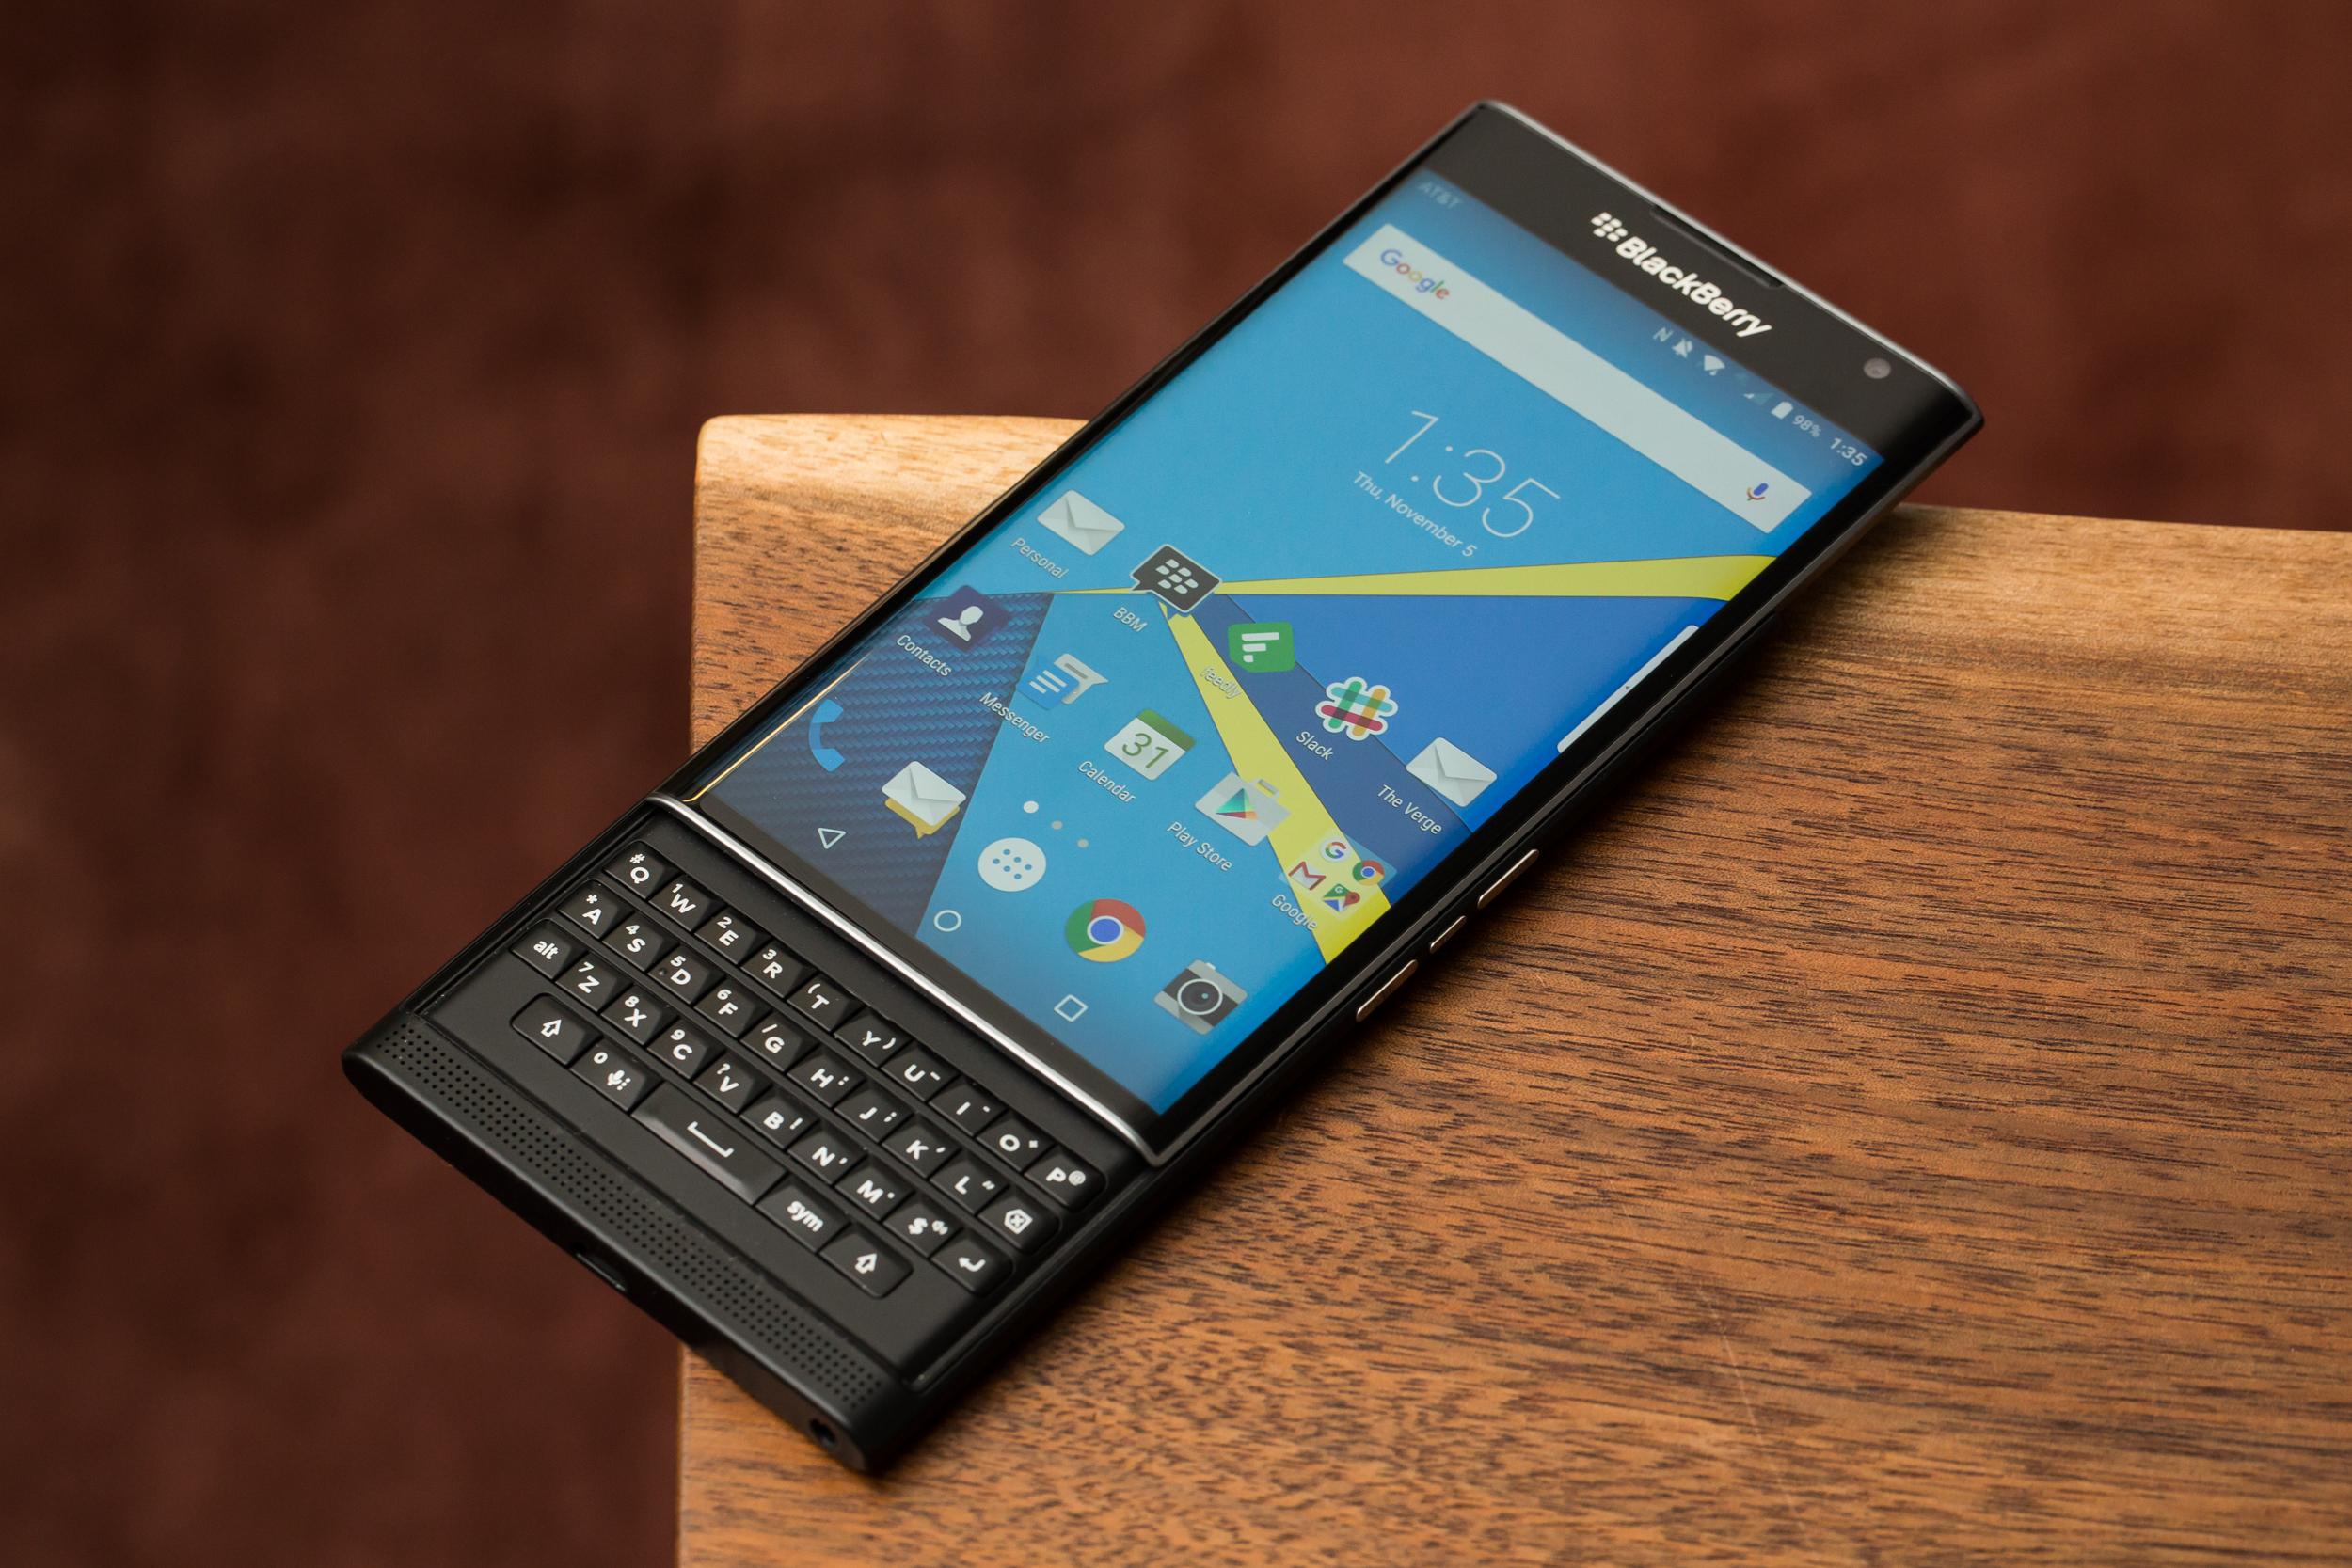 BlackBerry chính thức ngừng hỗ trợ Blackberry Priv hình 1